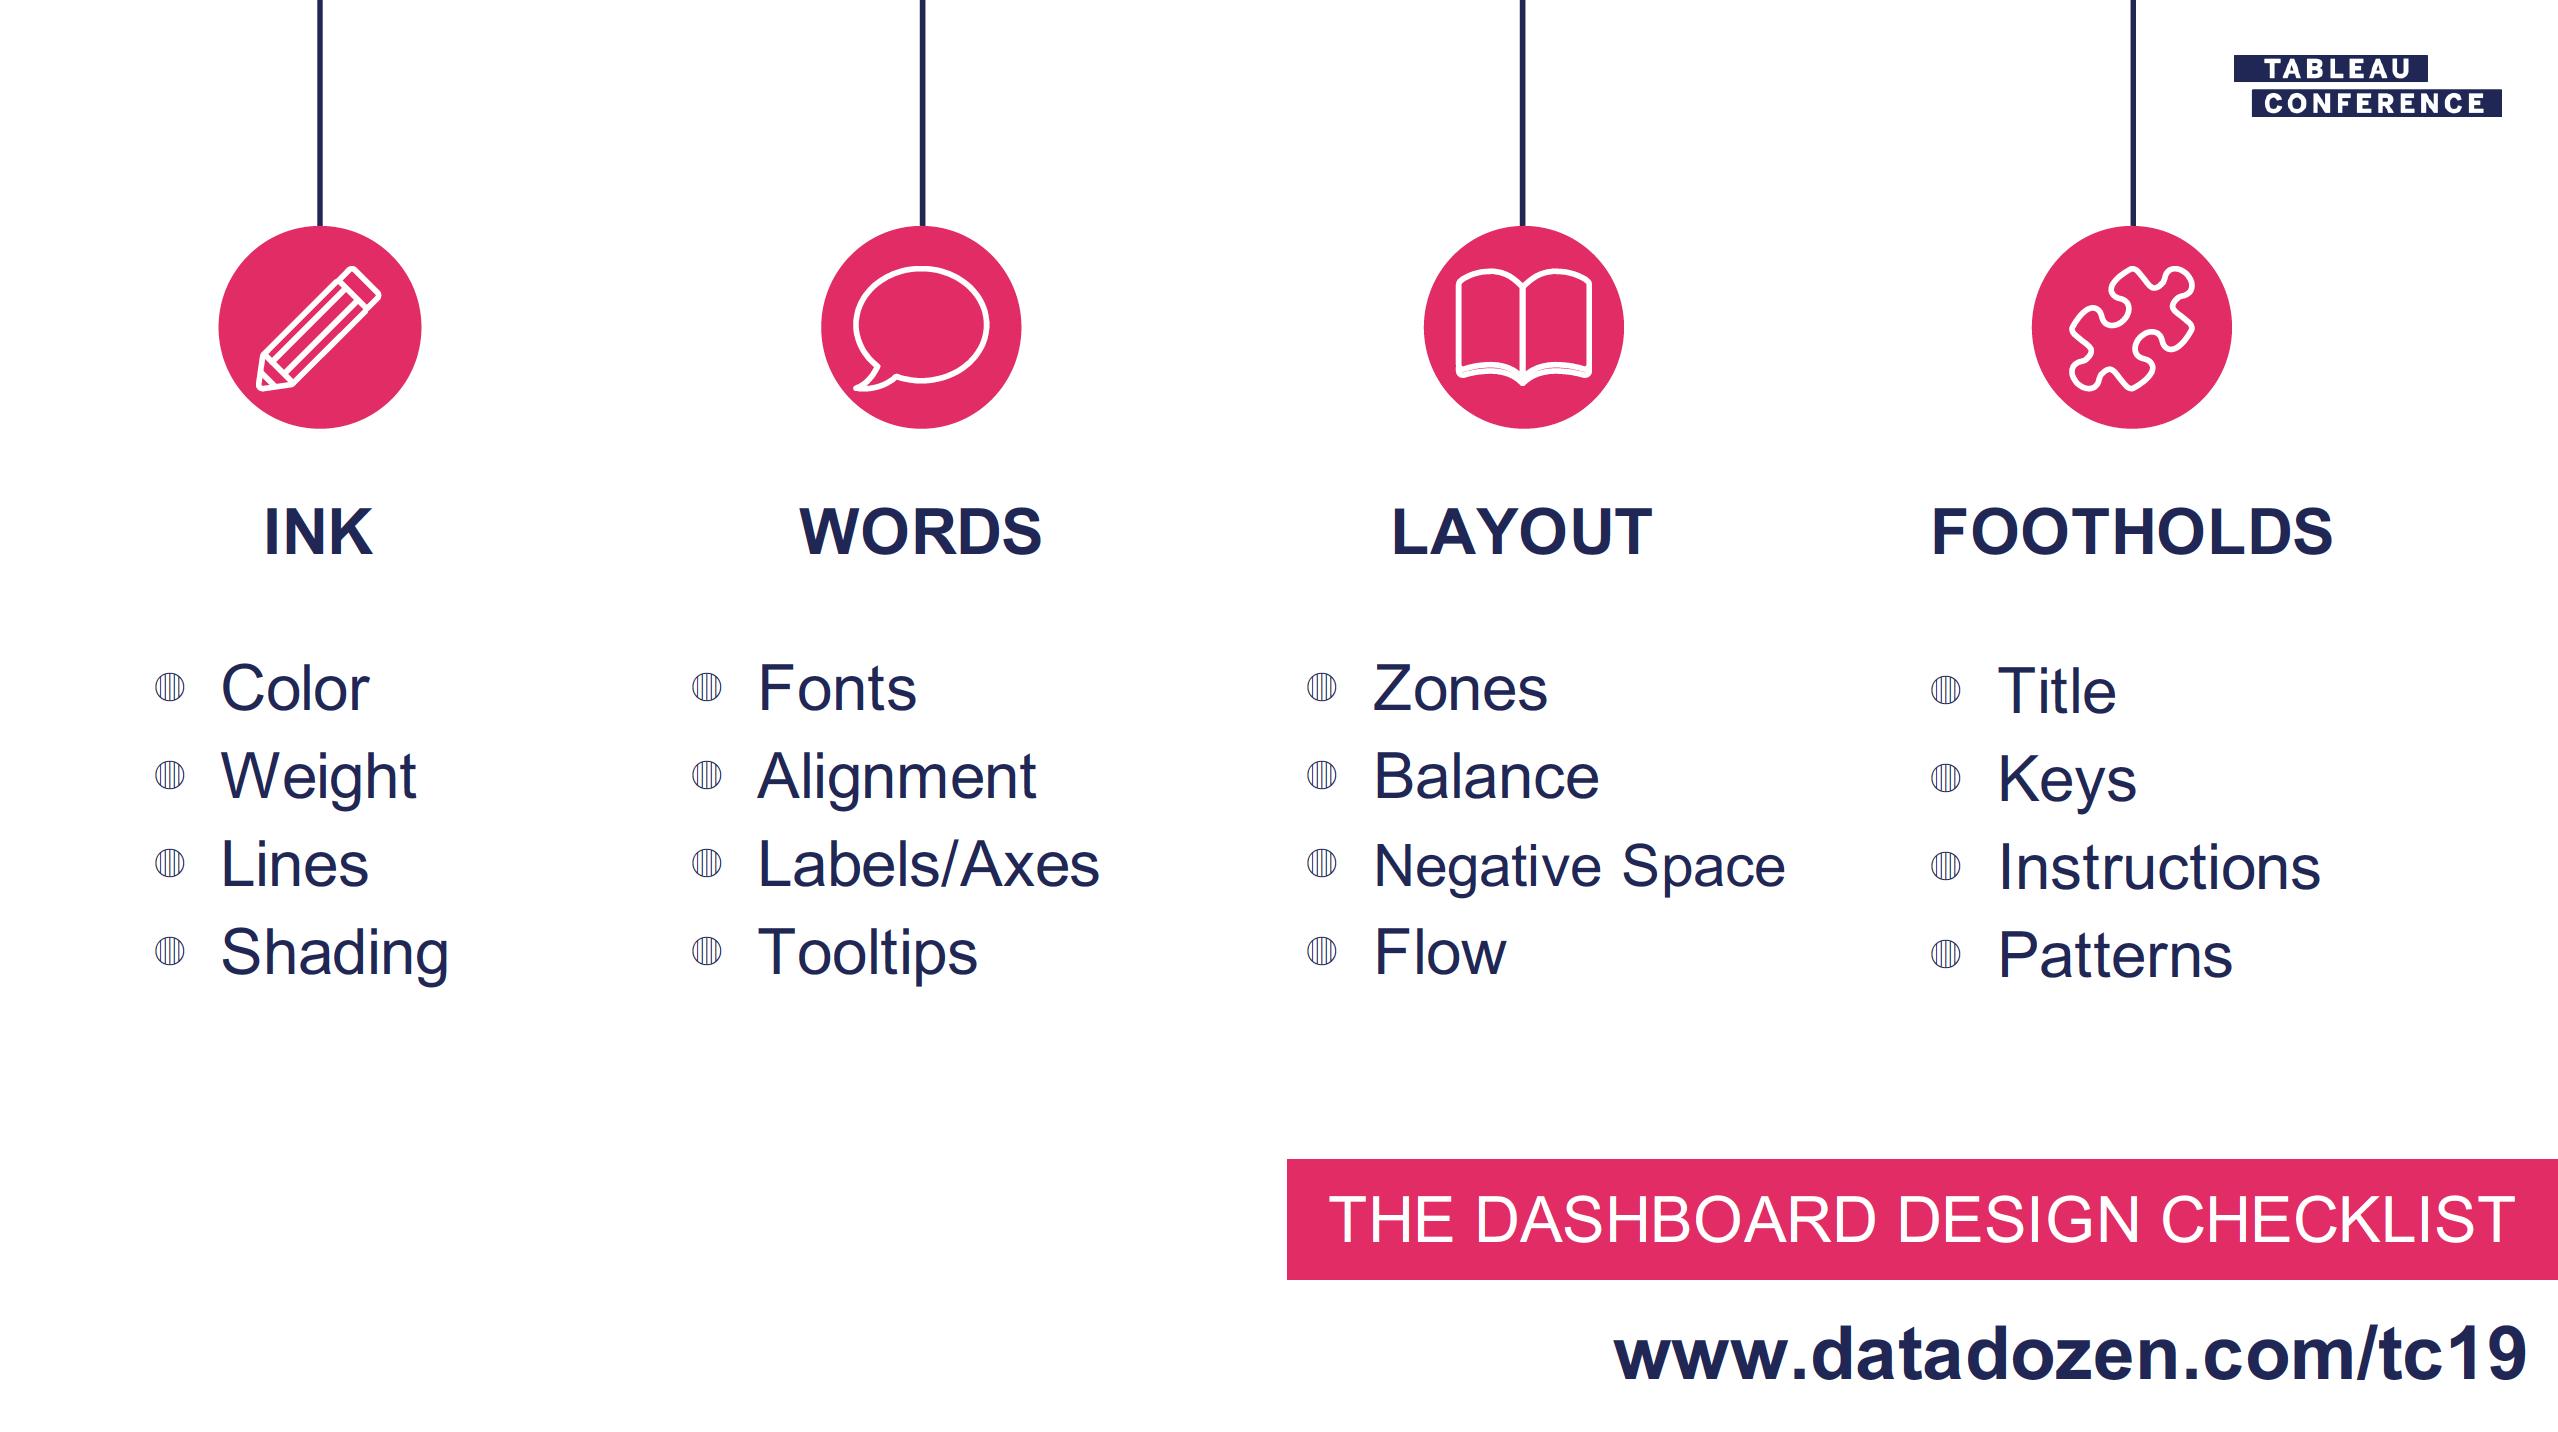 Data Dozen's Dashboard Design Checklist